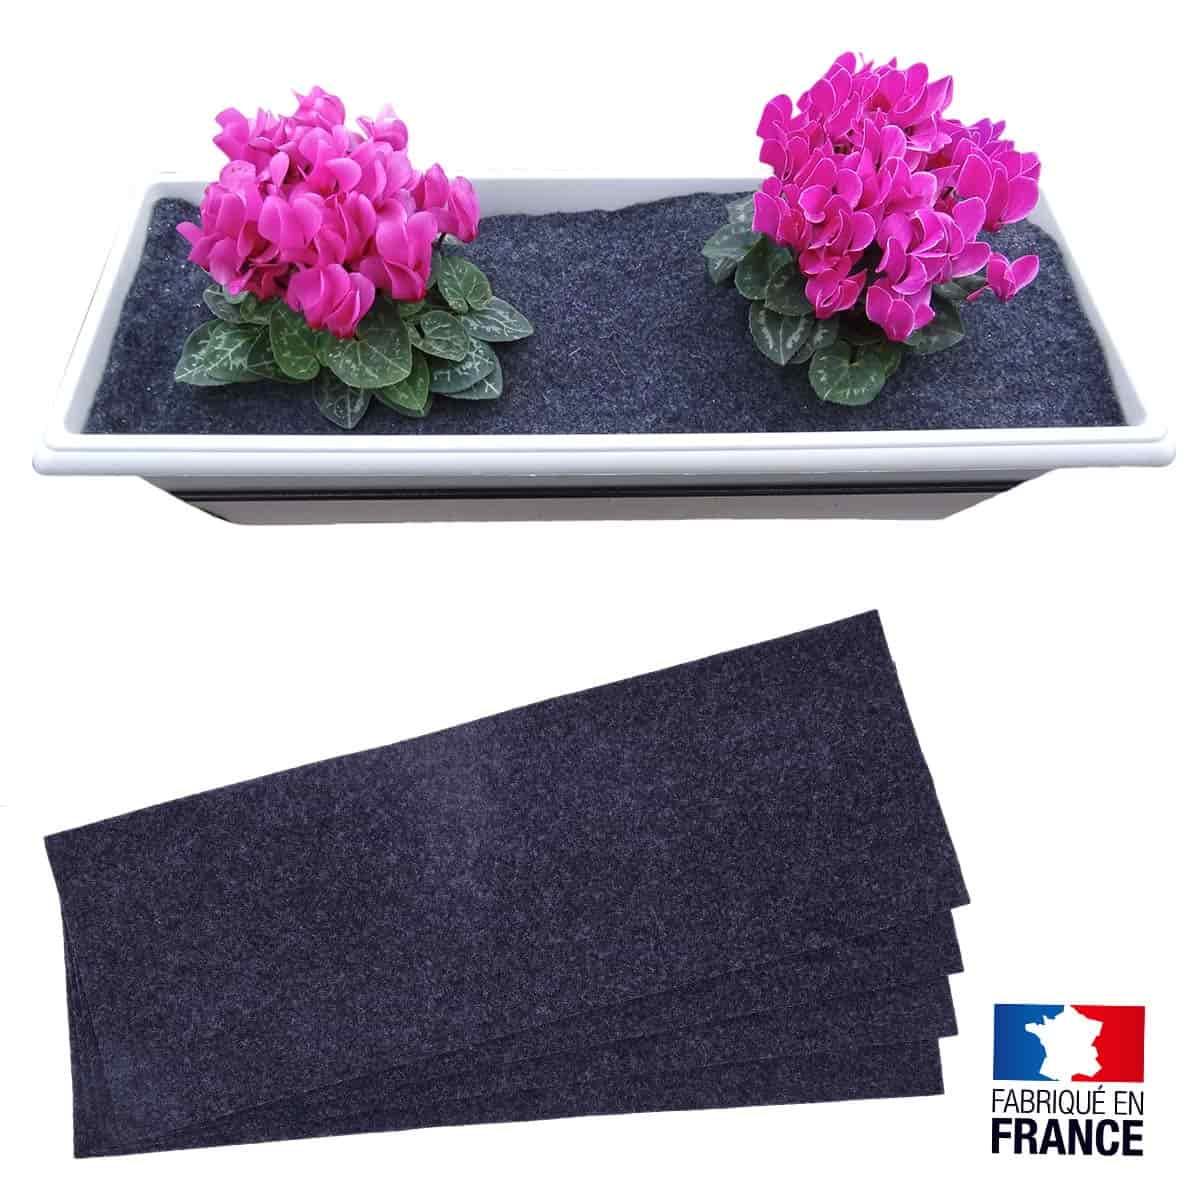 feutre de d cor anti mauvaise herbe pour jardini re lot de 4 pots de fleurs jardini res. Black Bedroom Furniture Sets. Home Design Ideas